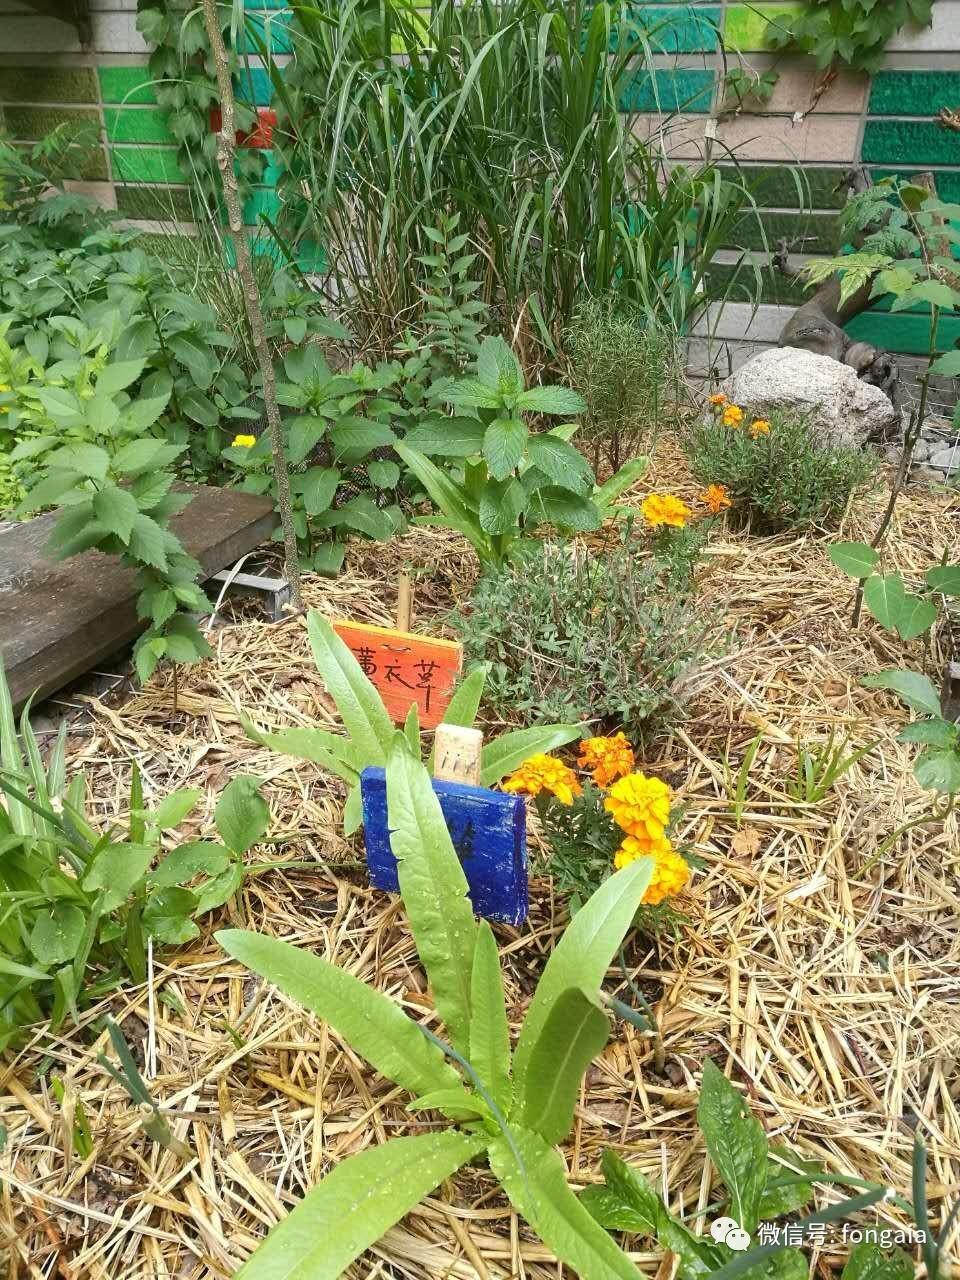 园中覆盖的稻草对植物生长起到什么作用呢(泰山 供图) 这样披着厚厚的被子,植物品种繁多,能够招引蜜蜂、蝴蝶来安家,朴门永续设计如何不用化肥、农药、除草剂等化学品的同时收获多样的蔬菜、水果、香草等有机食物。这样的食物花园,是为小编这样的好(才)吃(华)懒(横)做(溢)的人定制的吗? 2017年5月到6月,自然之友盖娅设计携手培德书院开展为期4天的生态池和食物花园营造系列工作假期。本系列工作假期分为2期进行,第1期将在5月28日-29日,第2期将在6月10日-11日(暂定)。 现在还有部分名额可